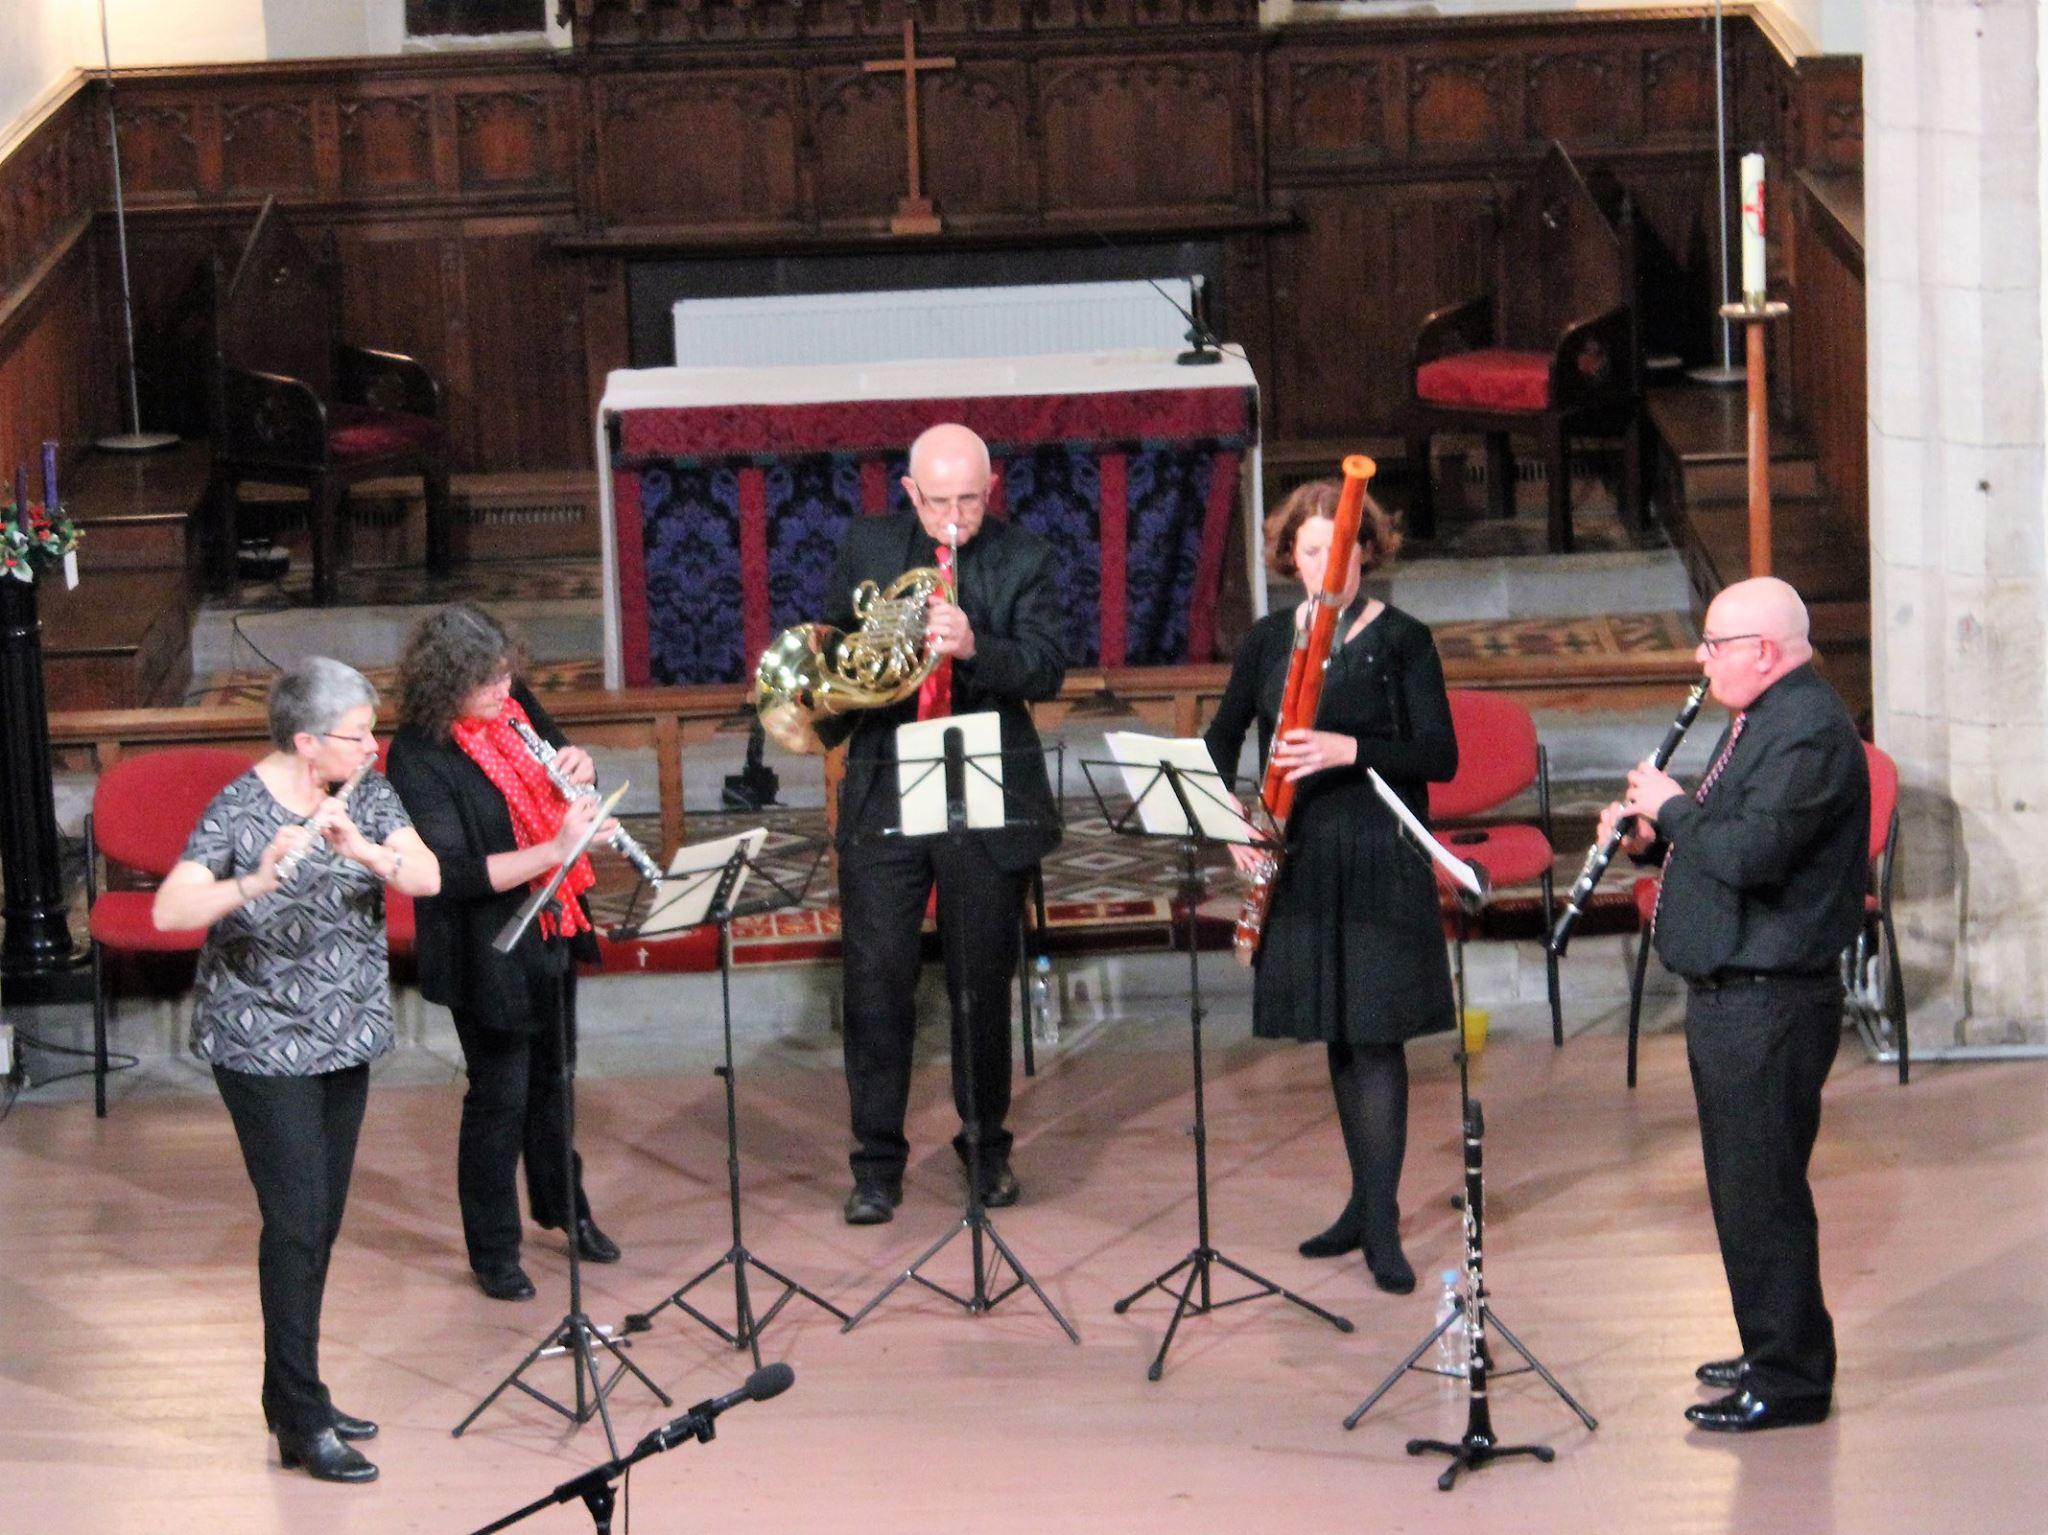 Papcastle Wind Quintet 2016 Concert